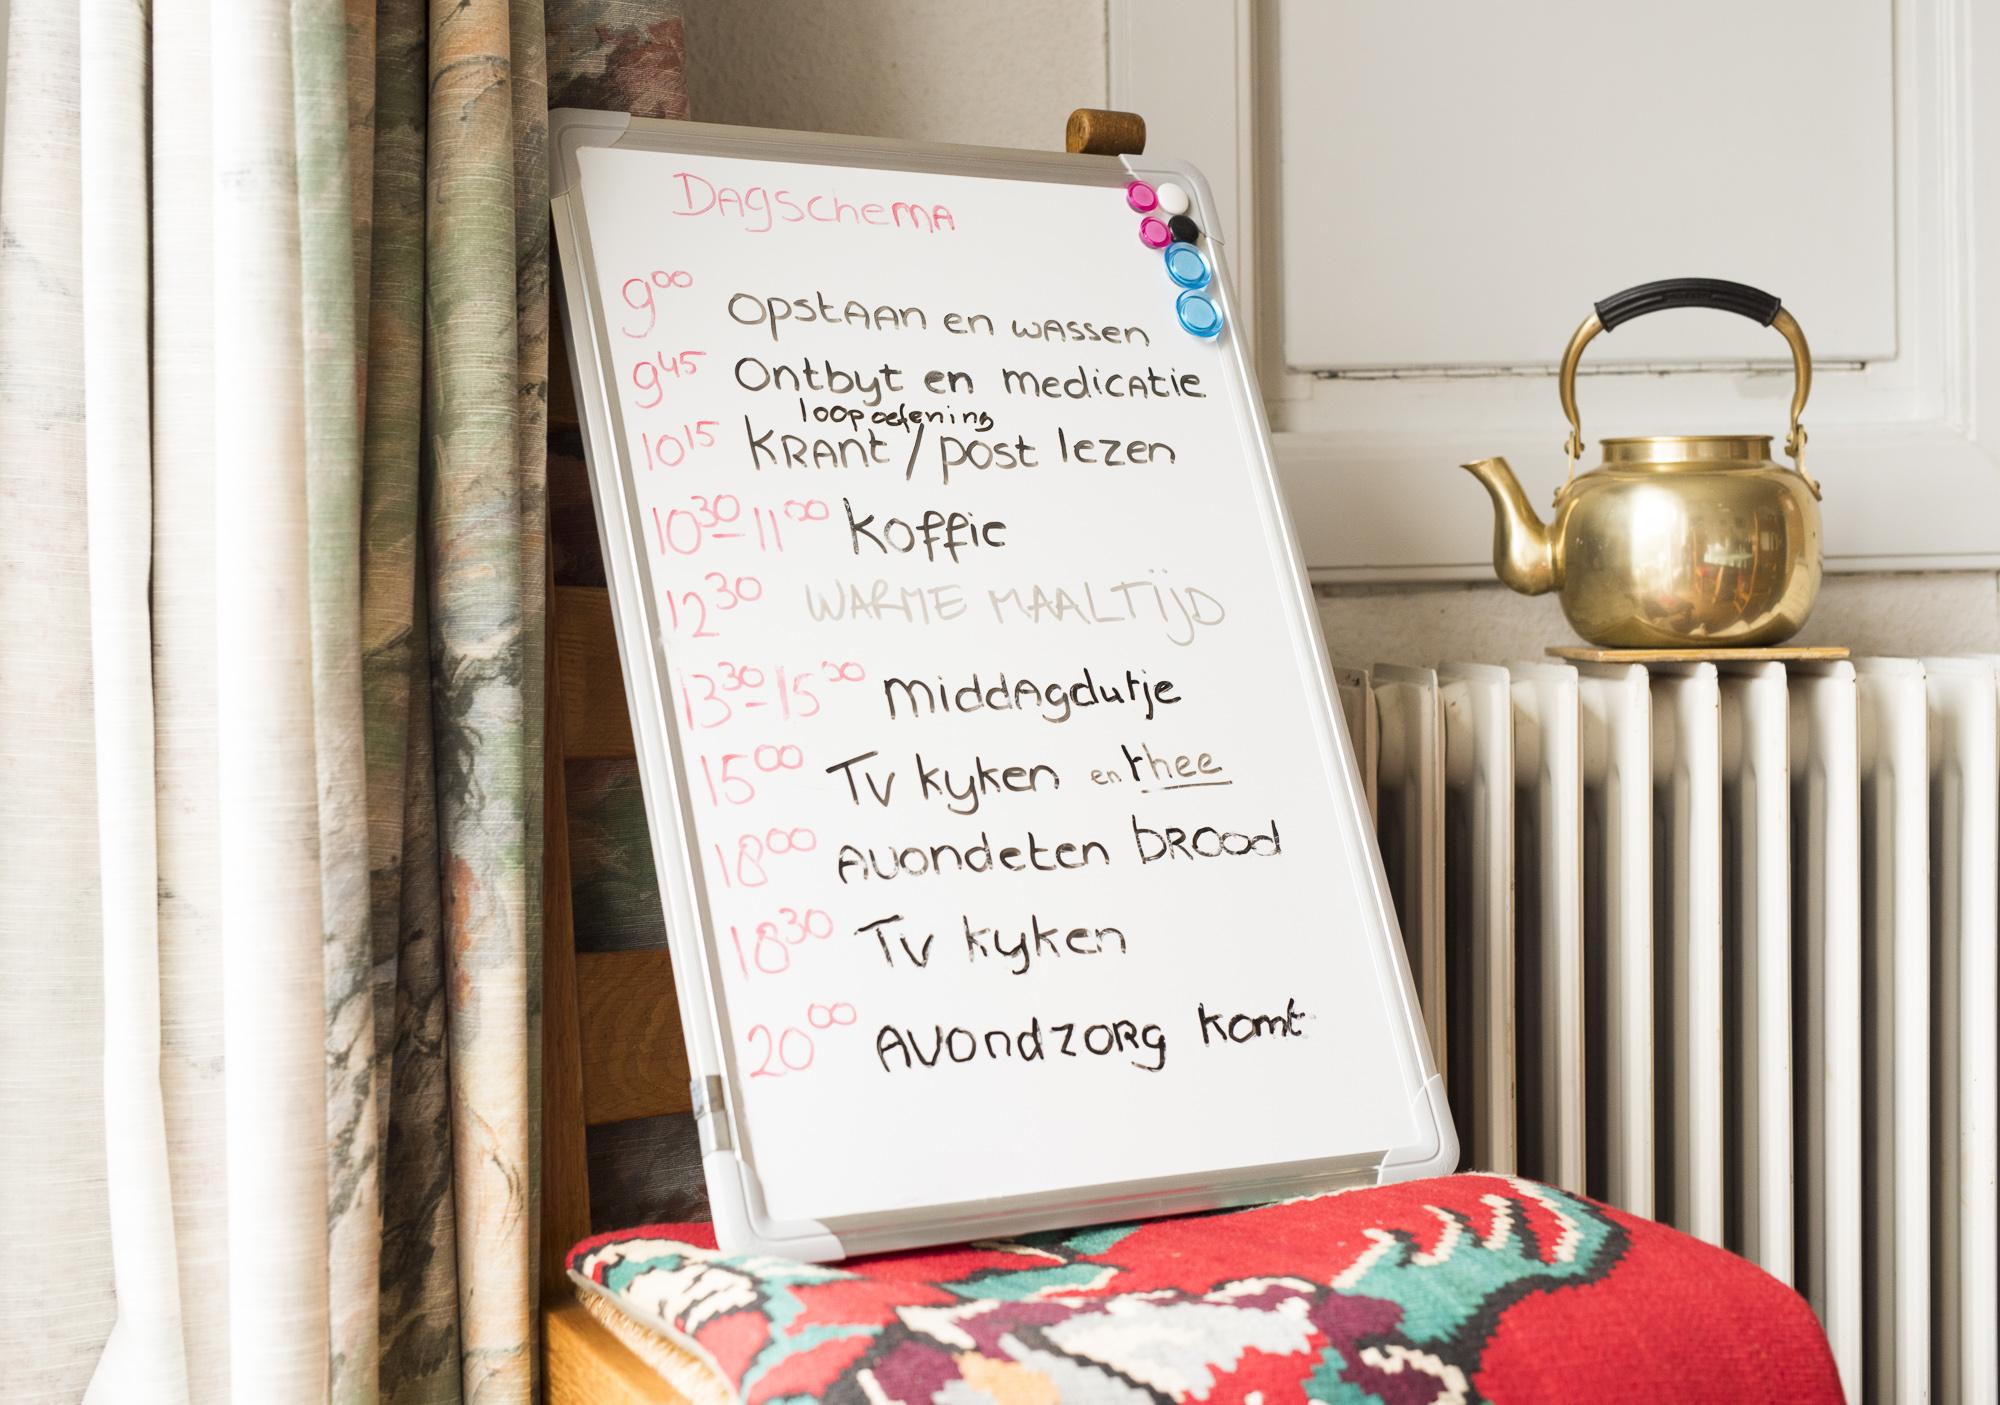 Spreekuur dementie evita lokaal